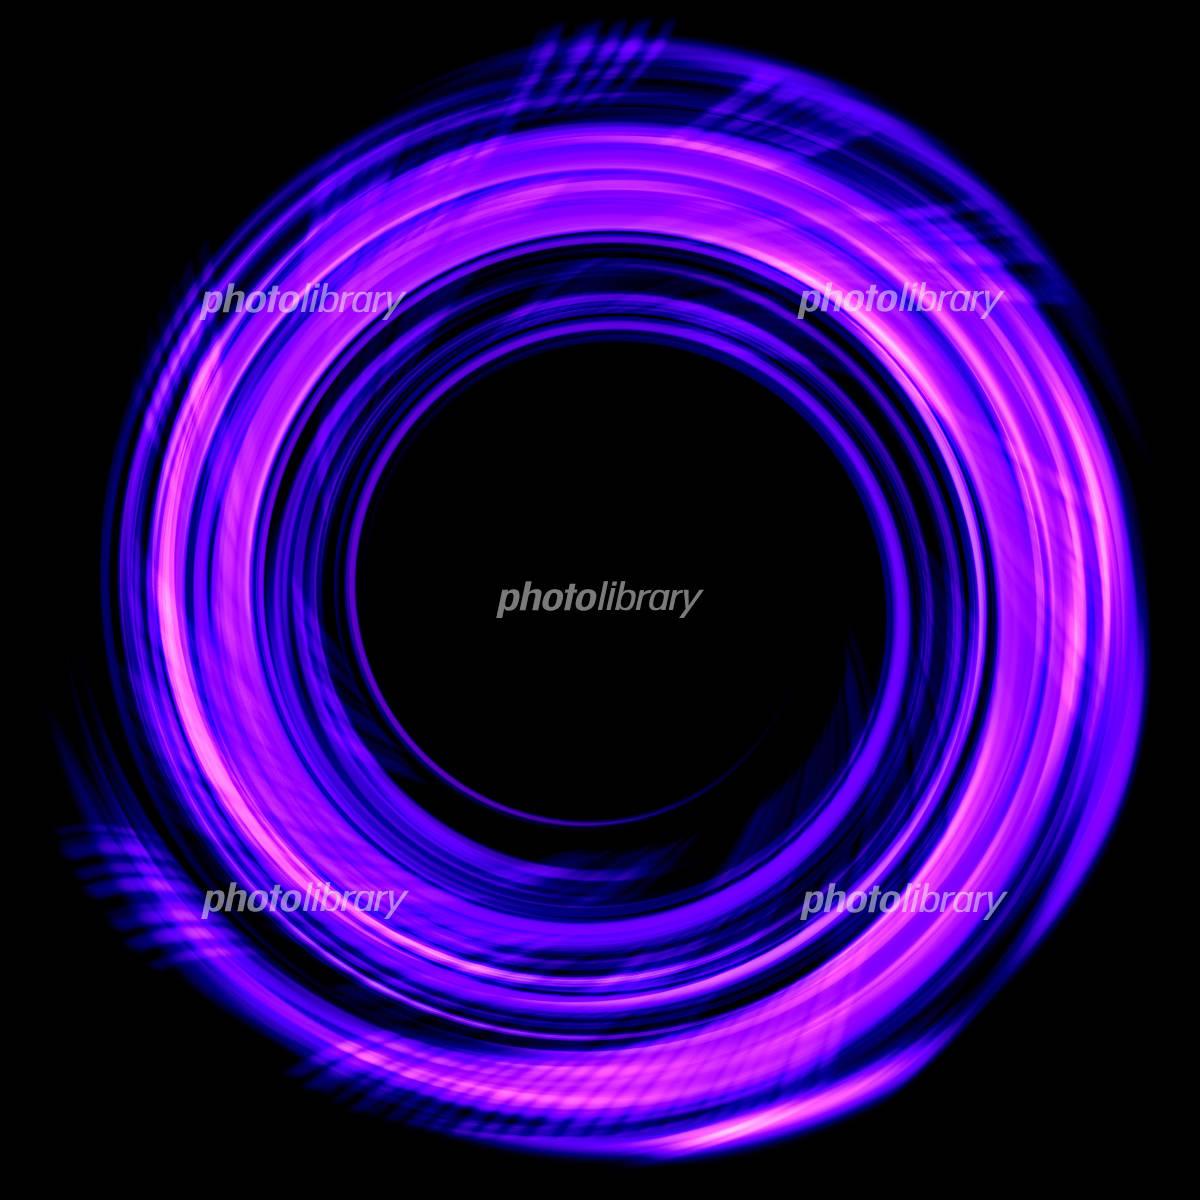 抽象的な光の渦のイラスト素材